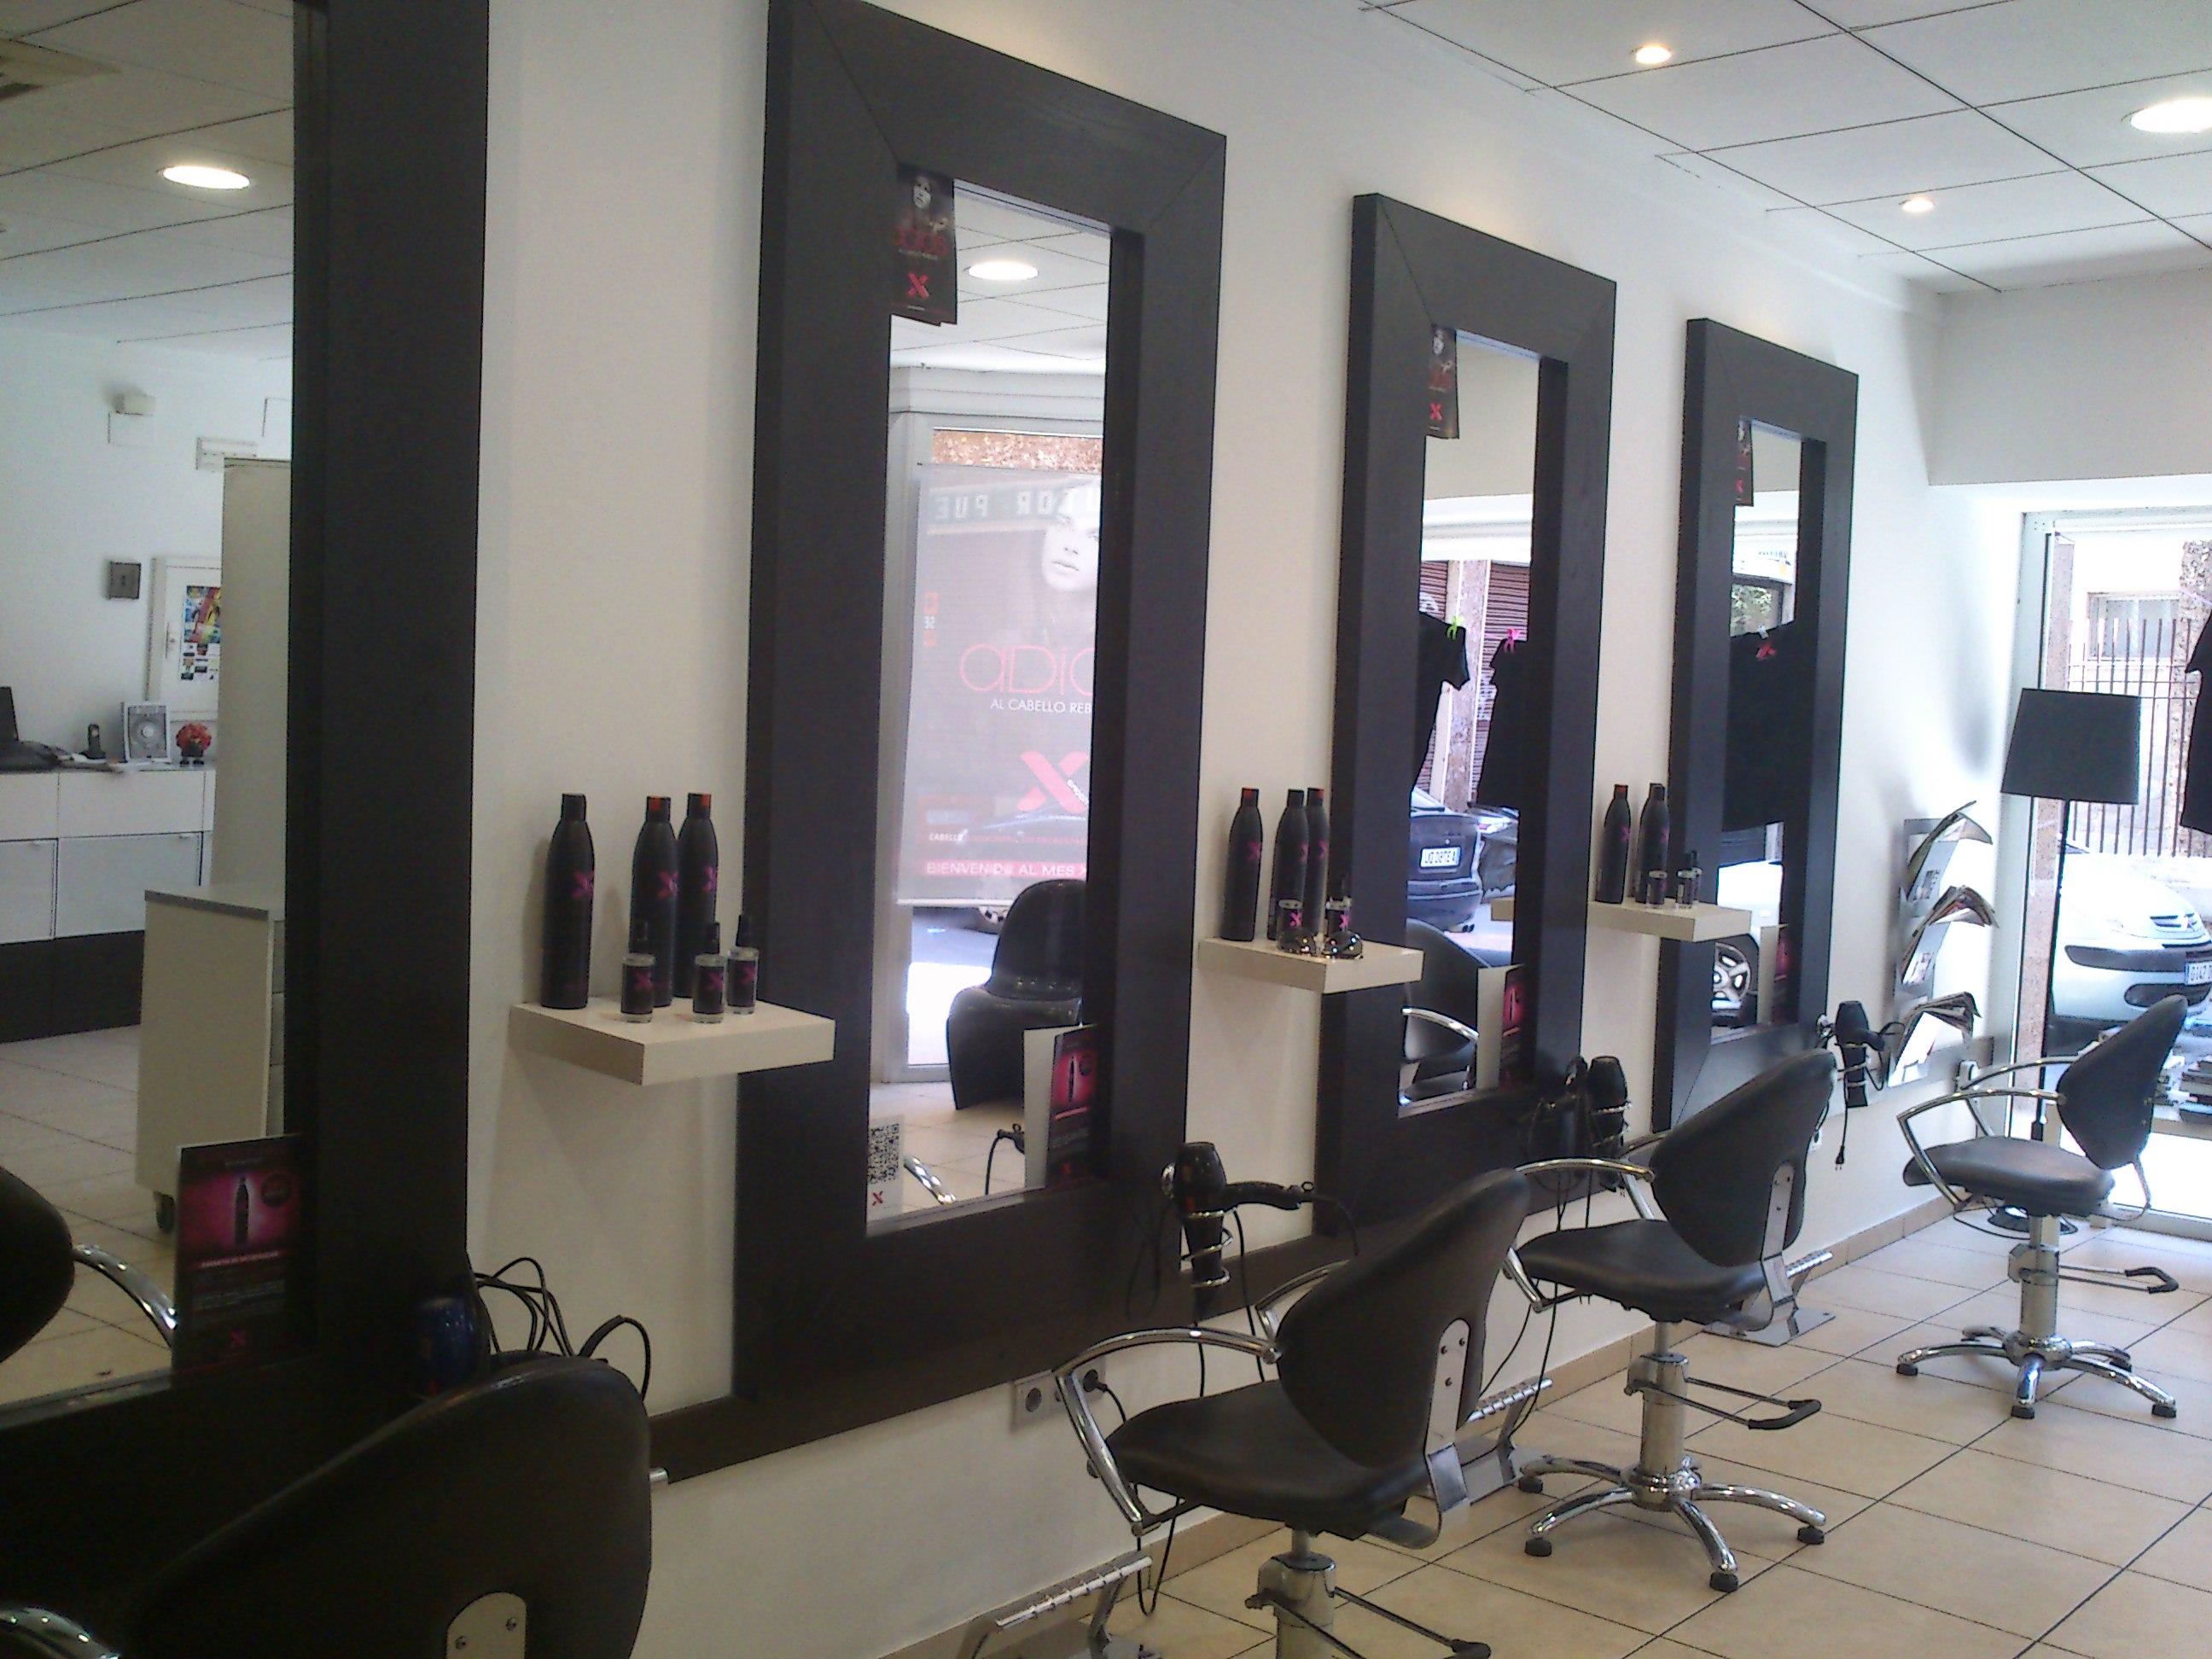 Salones de peluqueria decoracion fotos dise os - Decoracion de peluqueria ...